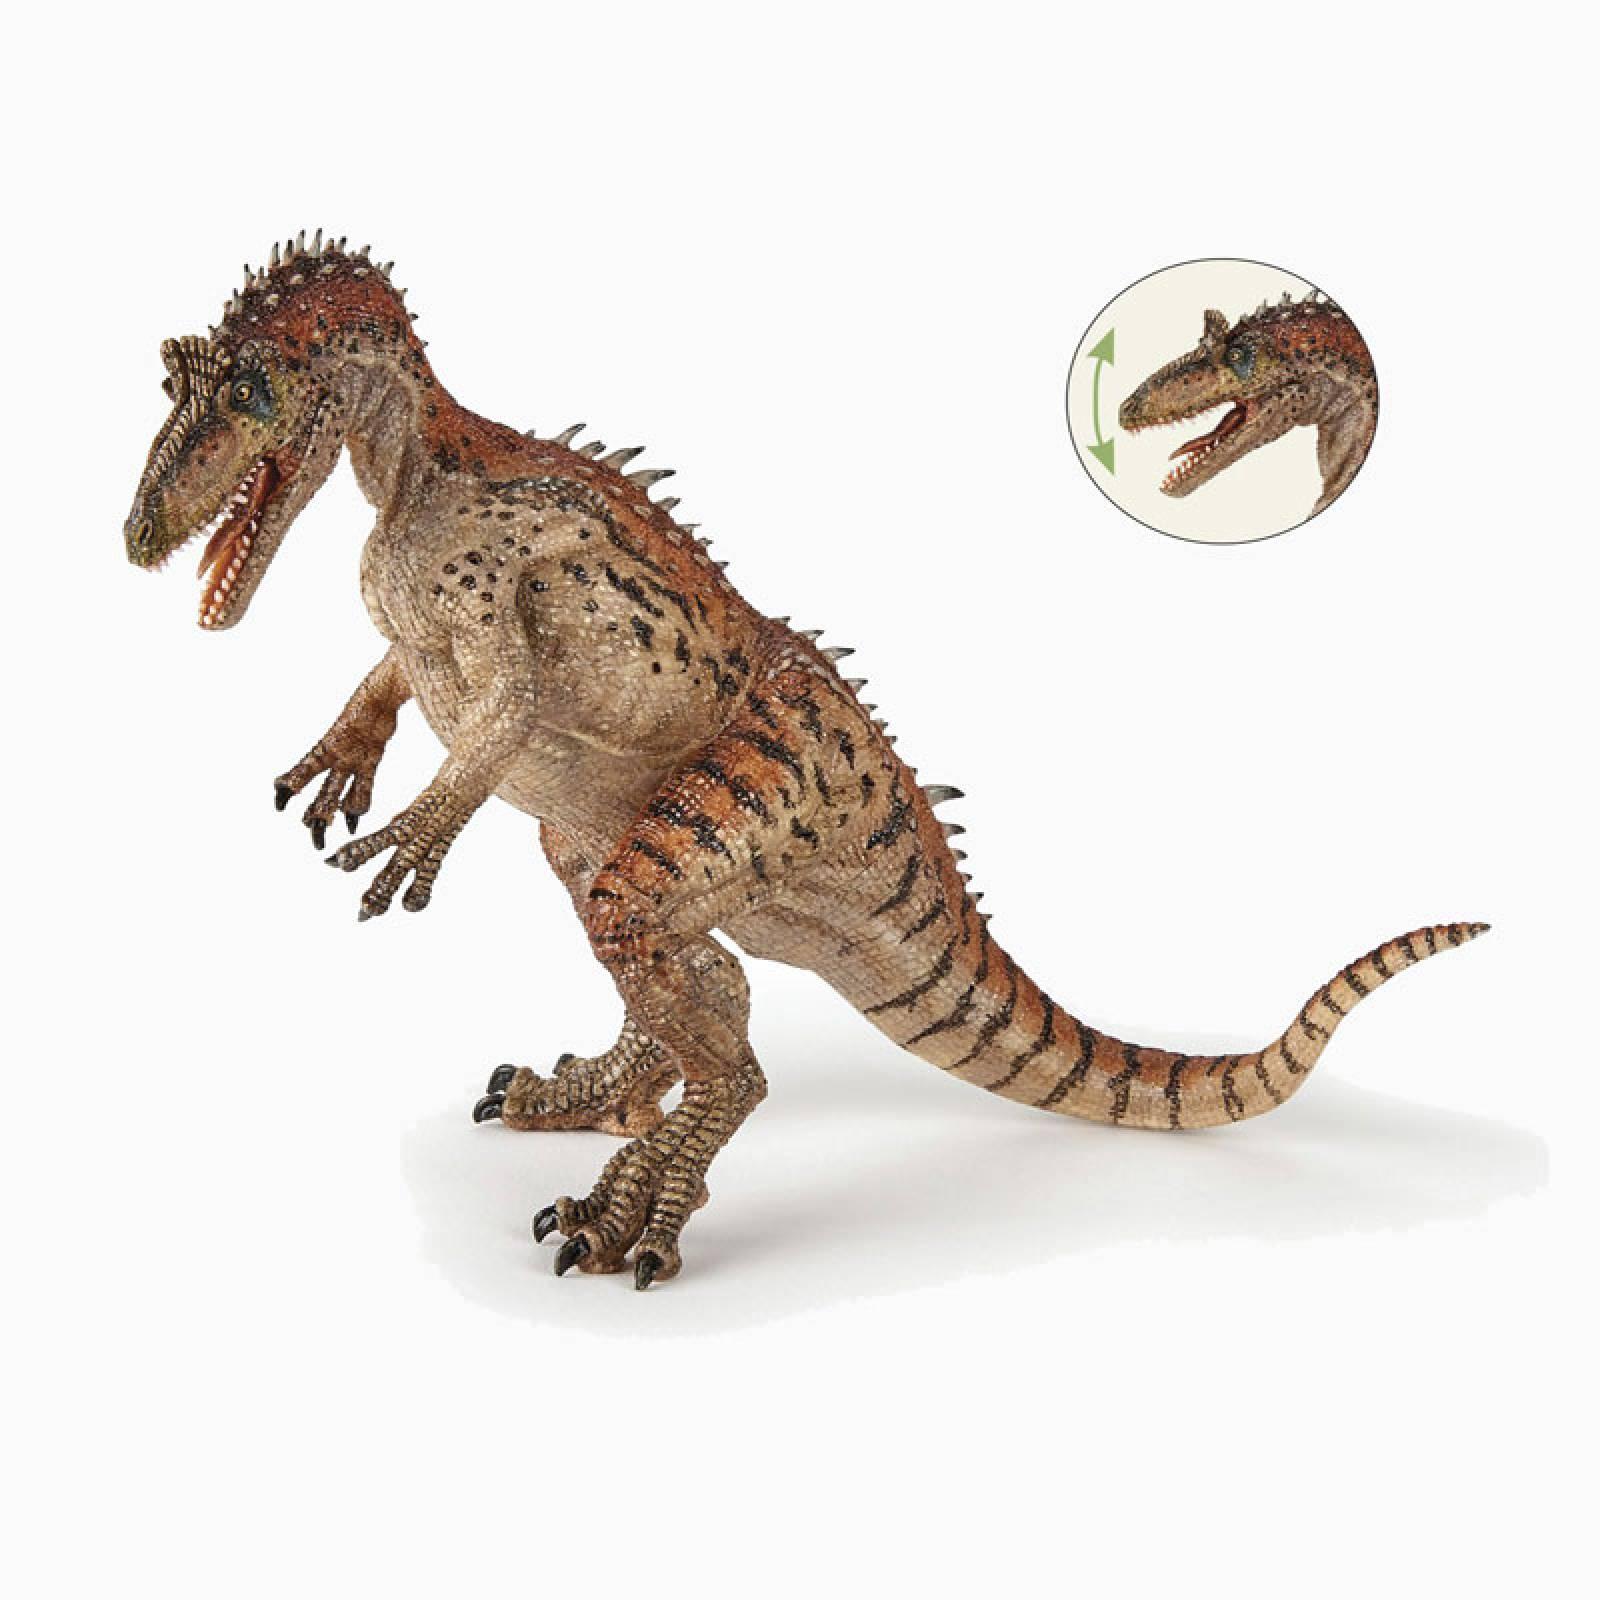 Cryolophosaurus - Papo Dinosaur Figure